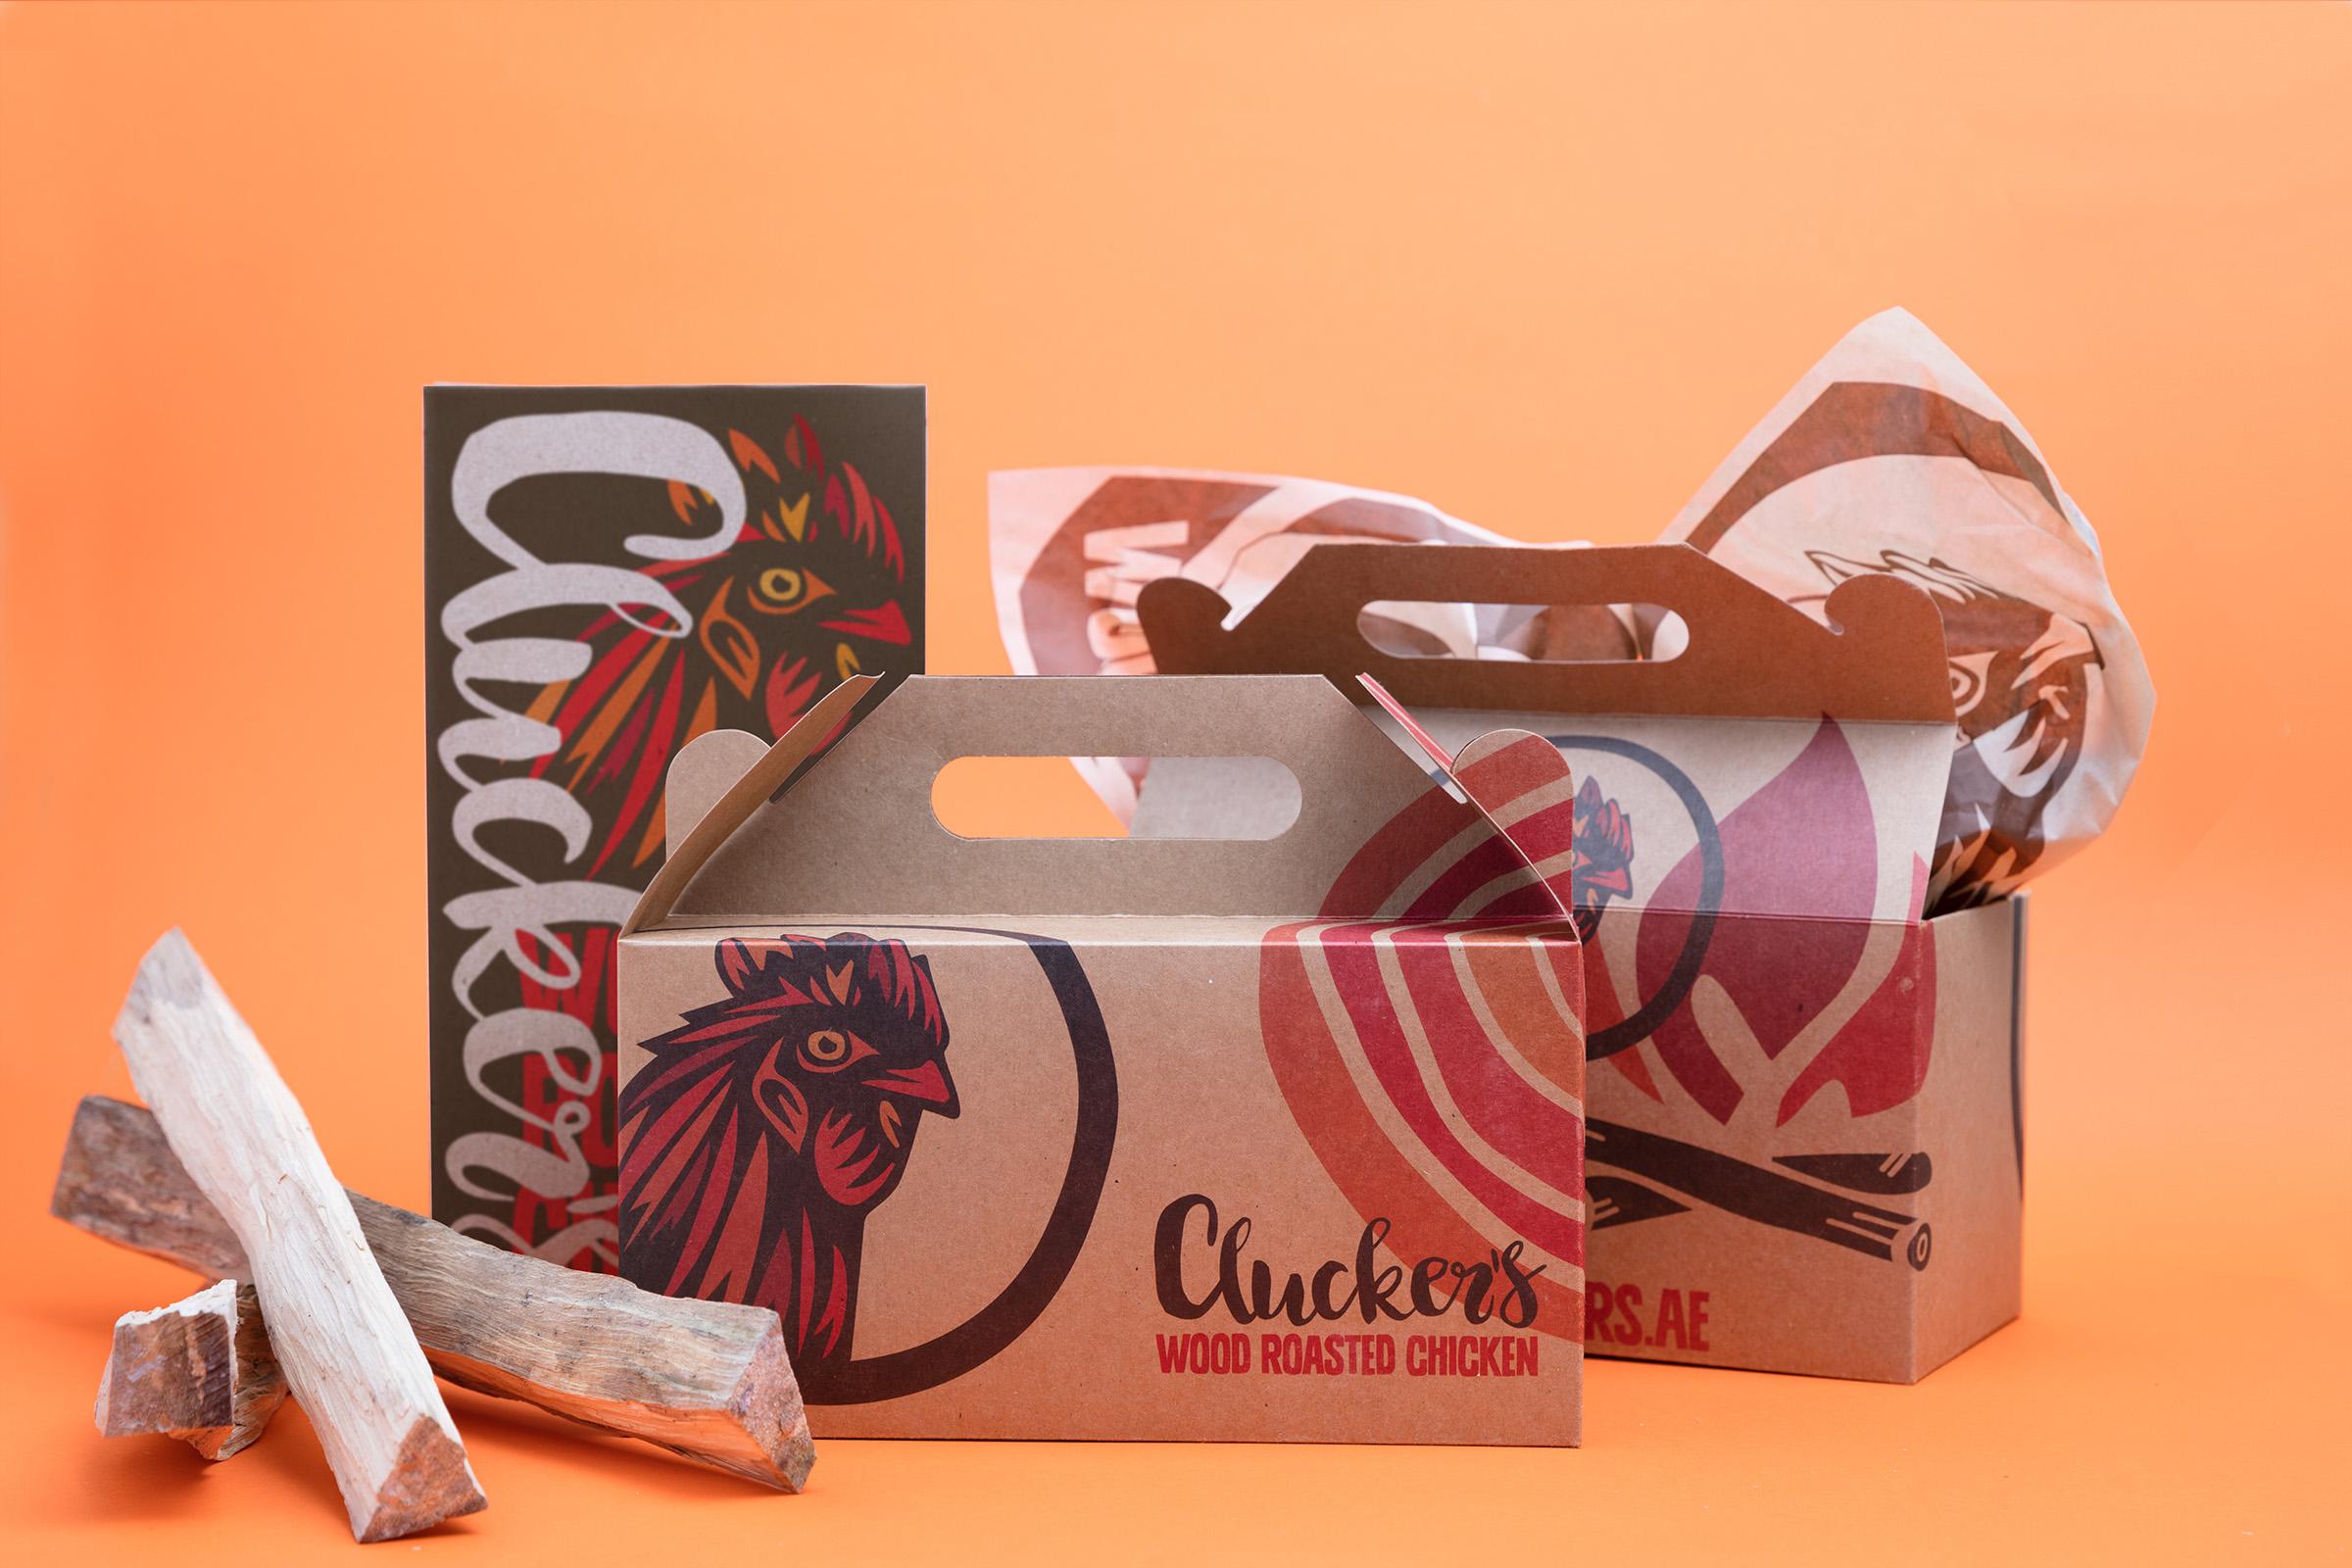 ZERO11 – Clucker's Wood Roasted Chicken